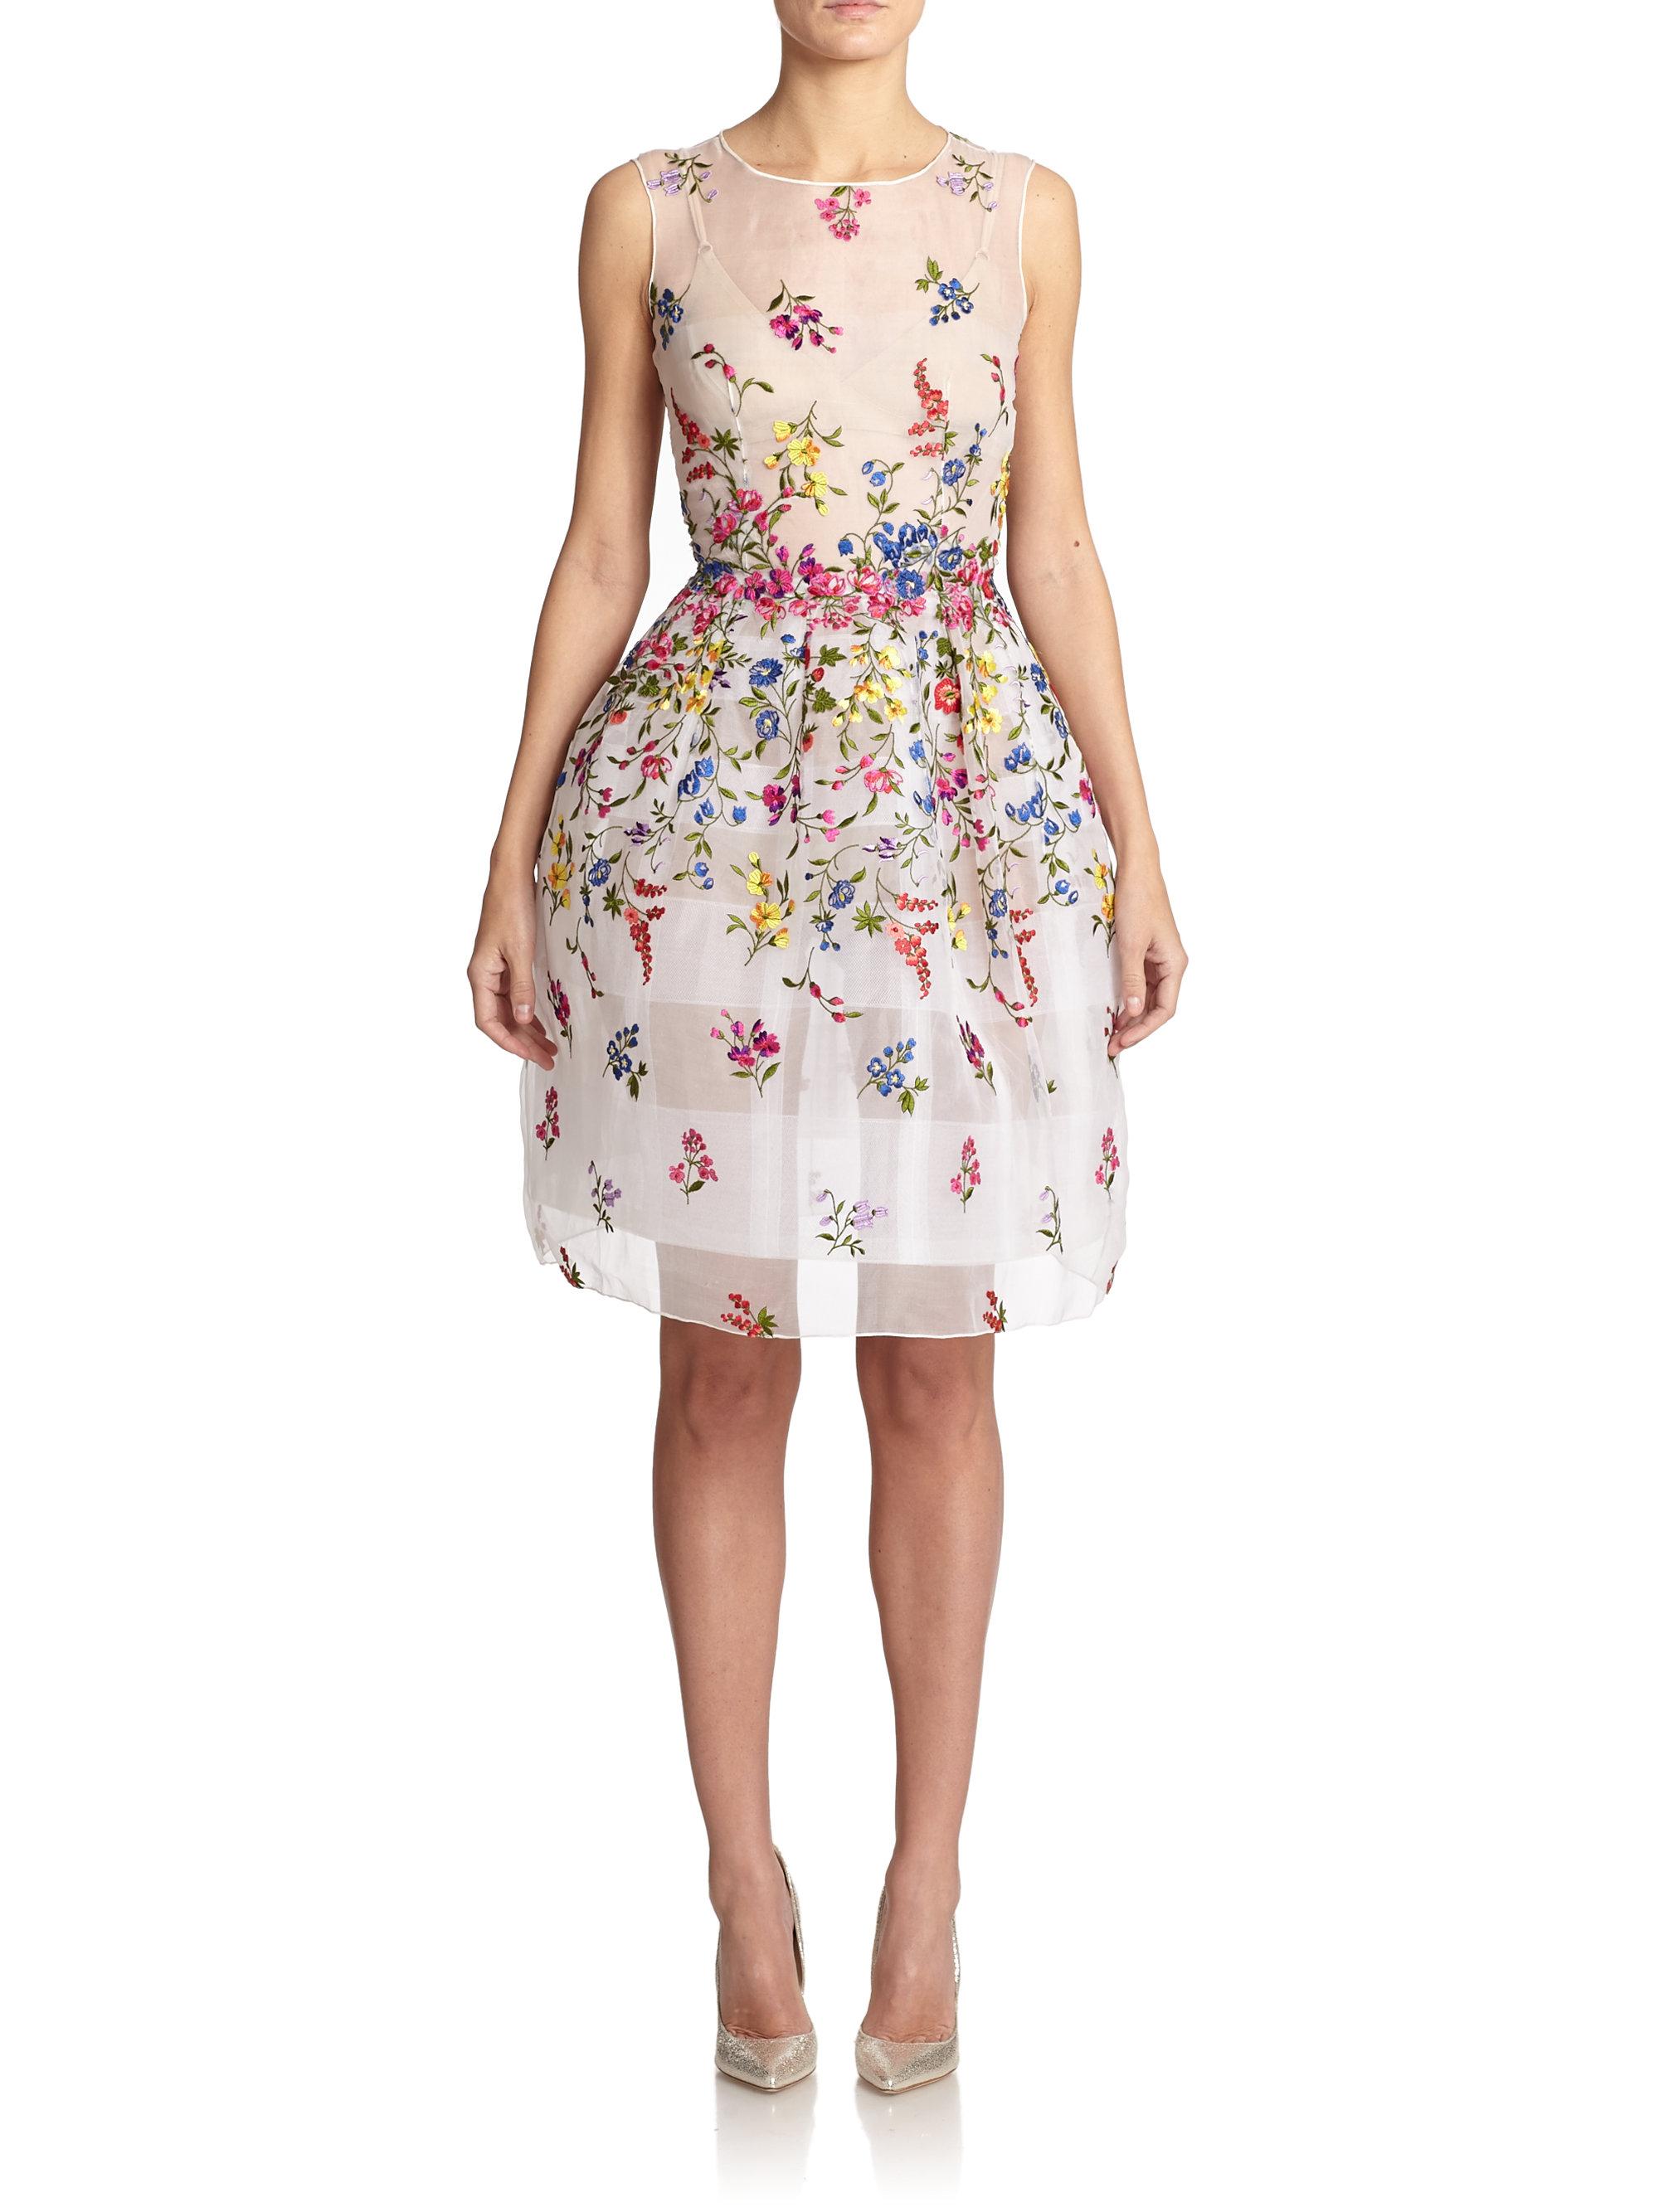 Oscar de la renta floral embroidered silk organza dress in